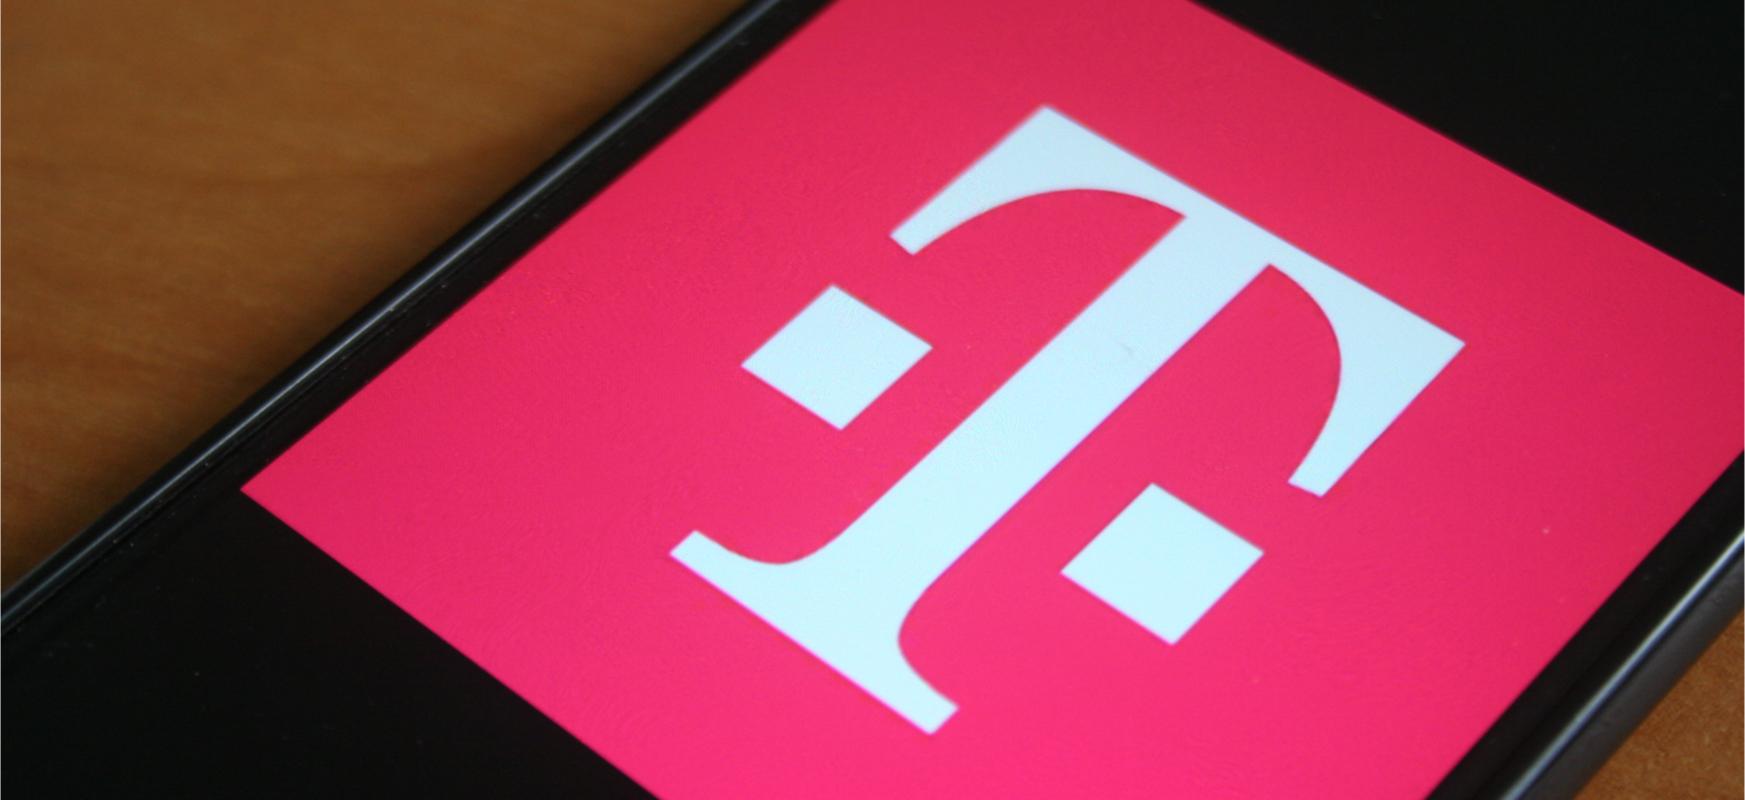 Ostiraletan T-Mobile-rekin tradizio laikoa berria da.  Oraingoan operadorea smartphone-ko bonoak oparitzen ari da